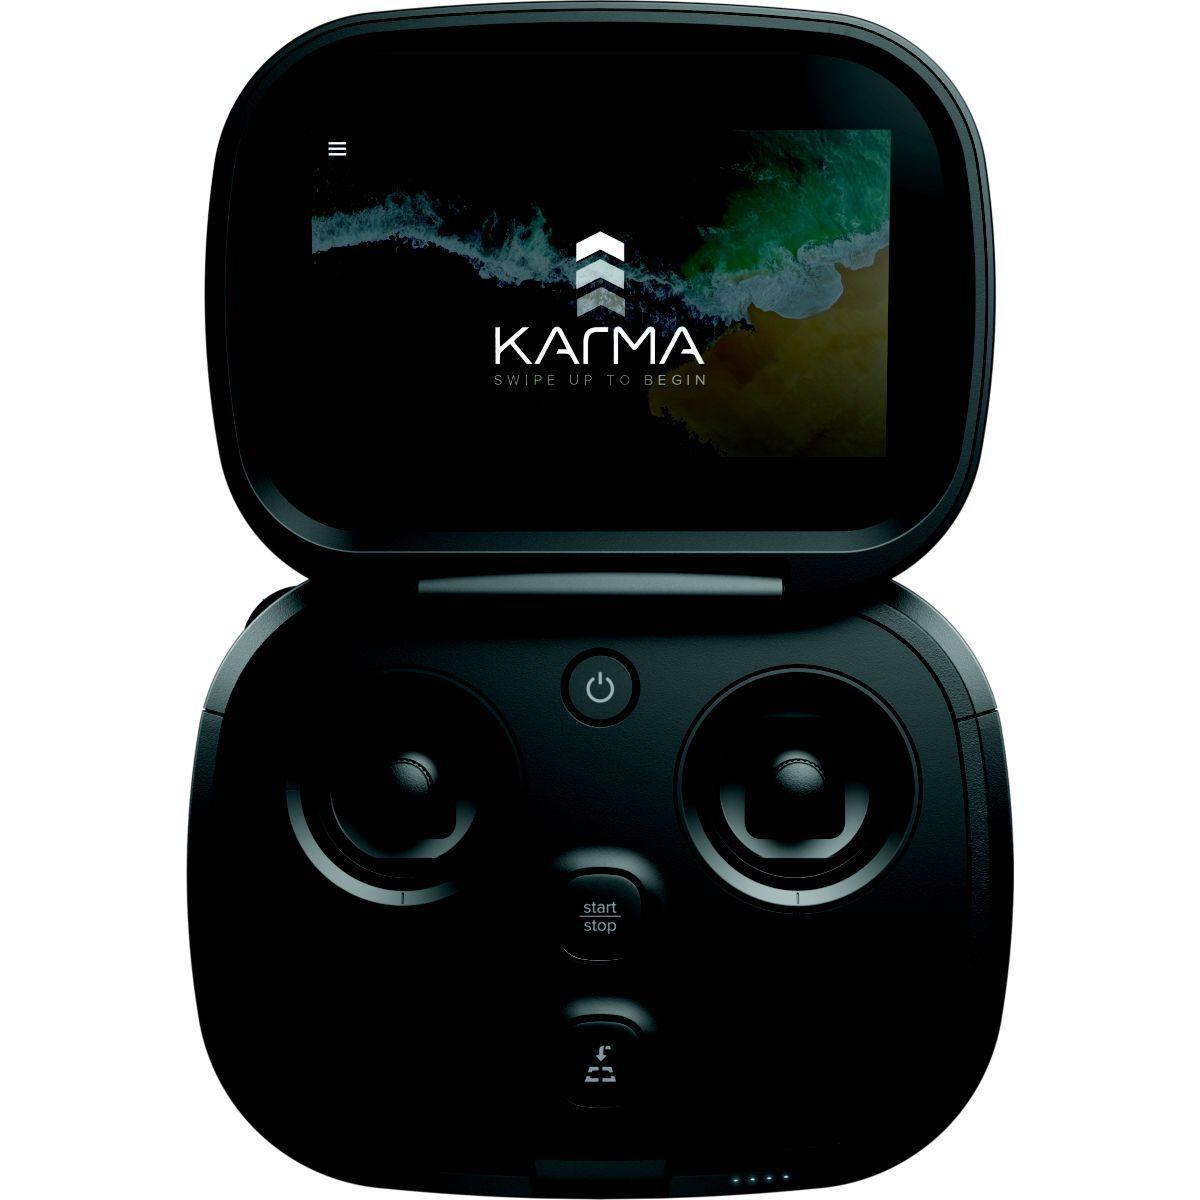 Acc. drone gopro contr�leur karma - 20% de remise imm�diate avec le code : green20